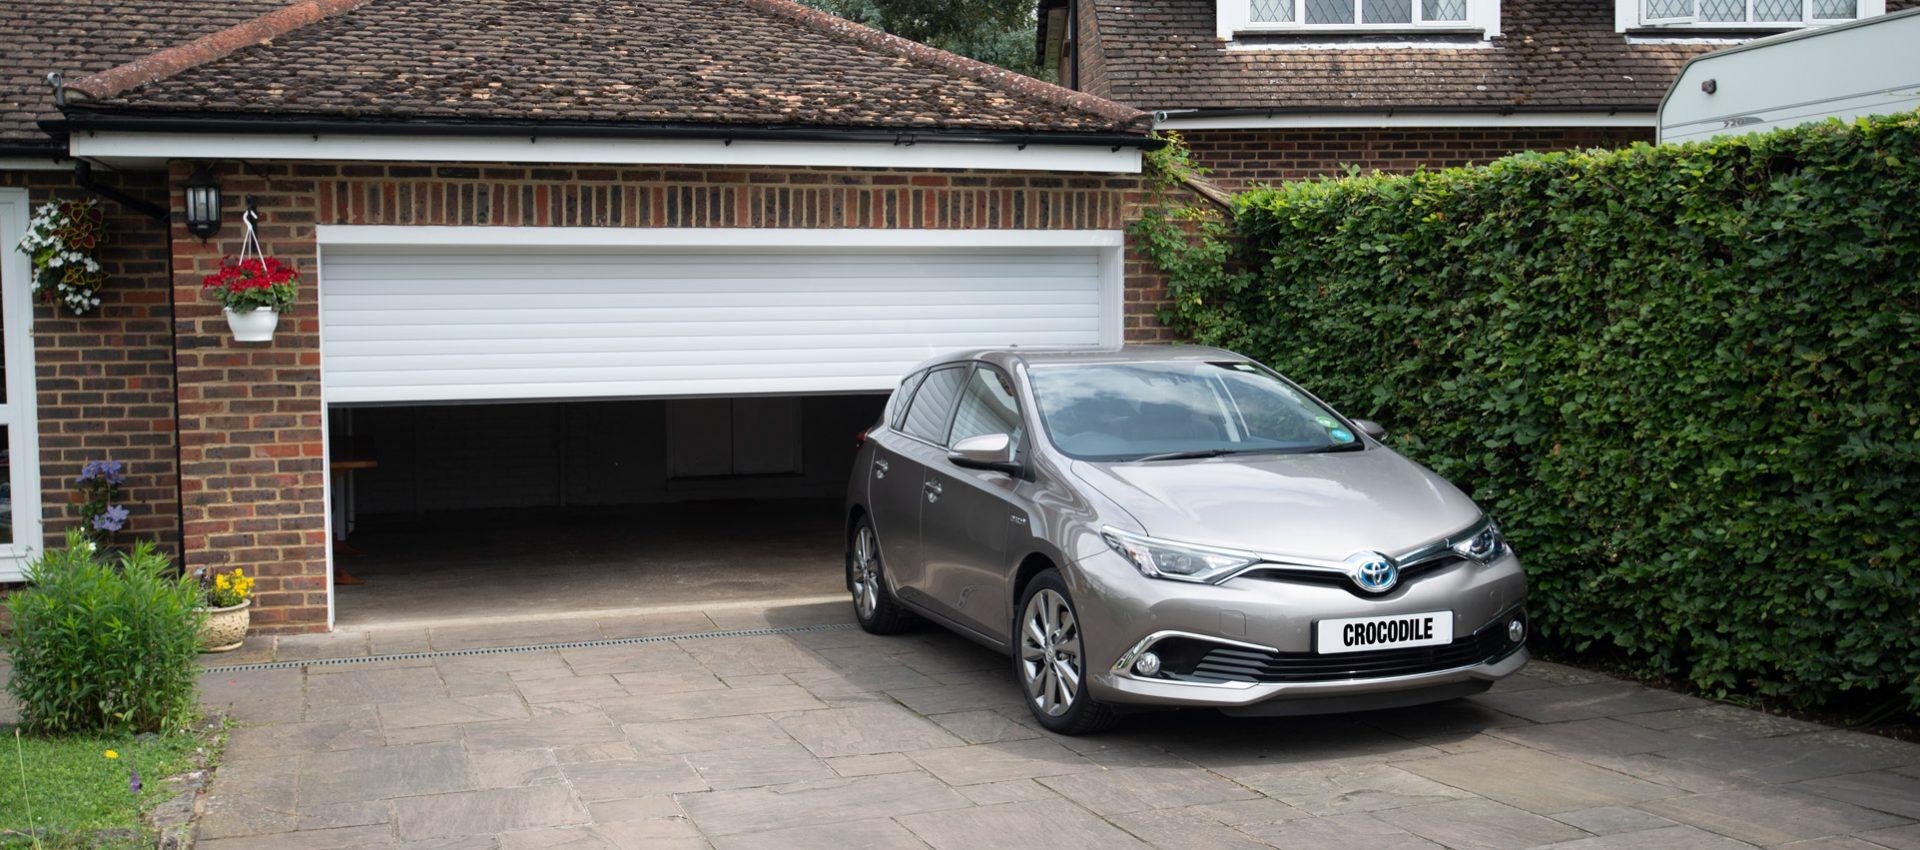 Garage-Door-1-aspect-ratio-1920-850